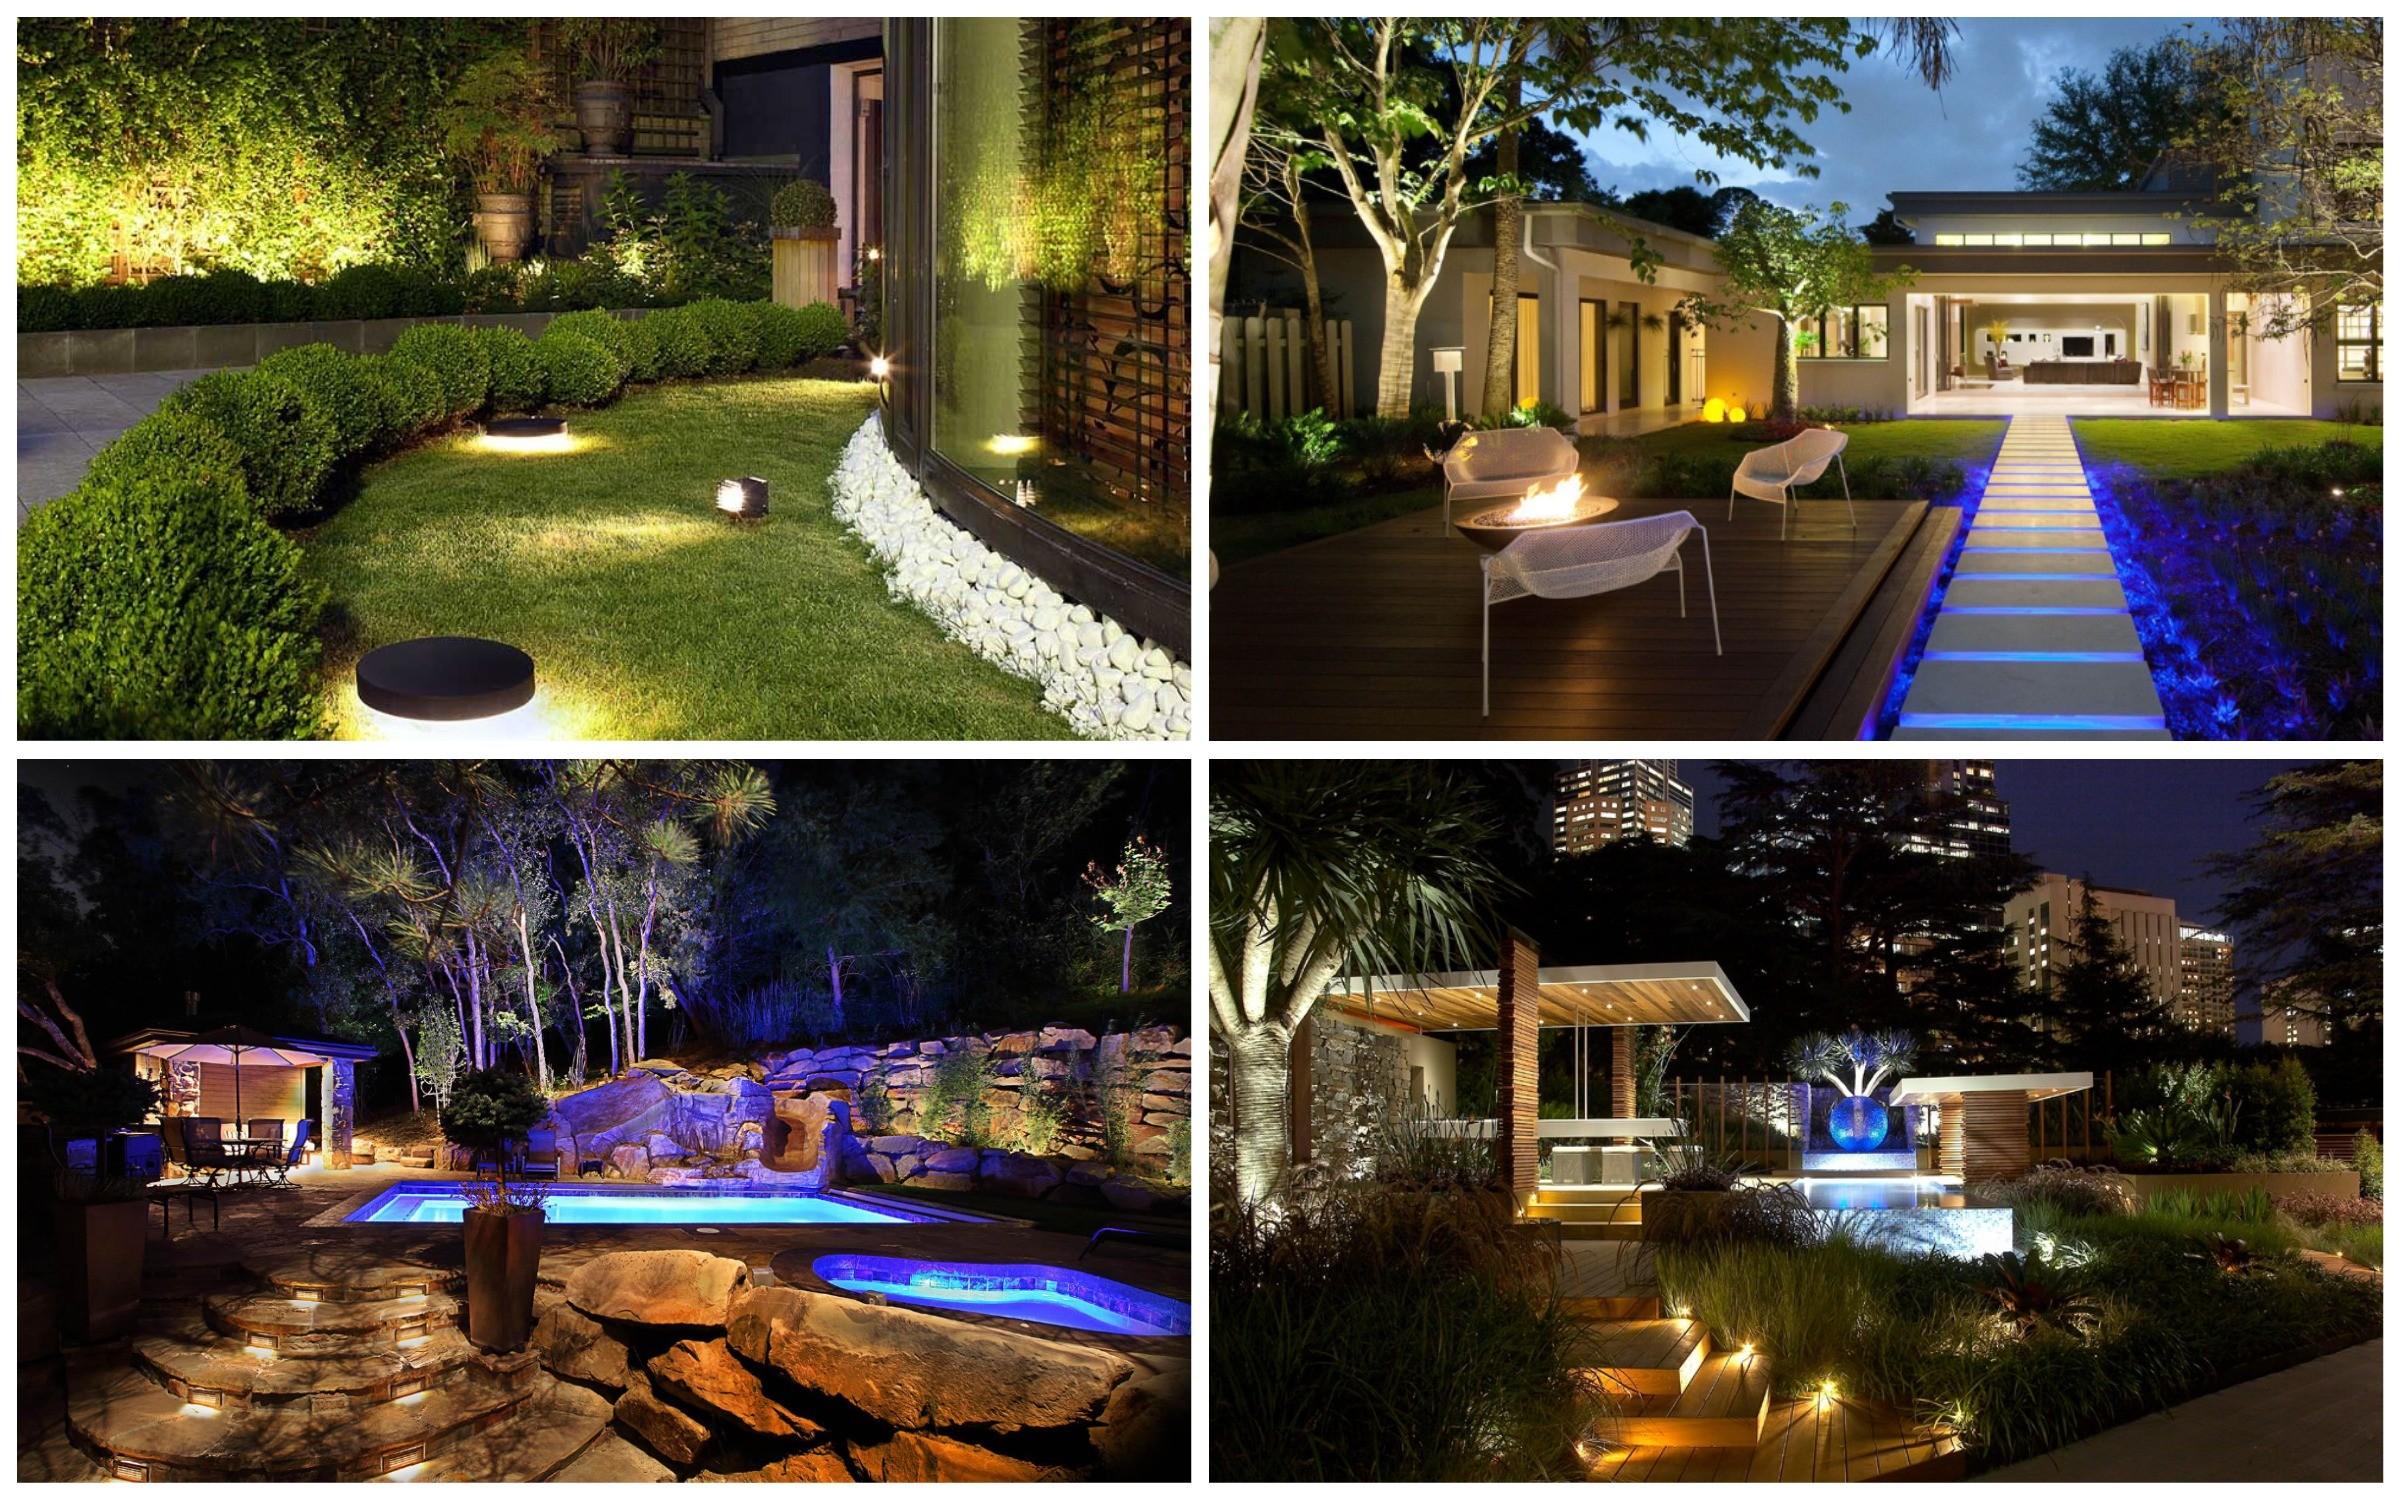 изображение освещения участка сада